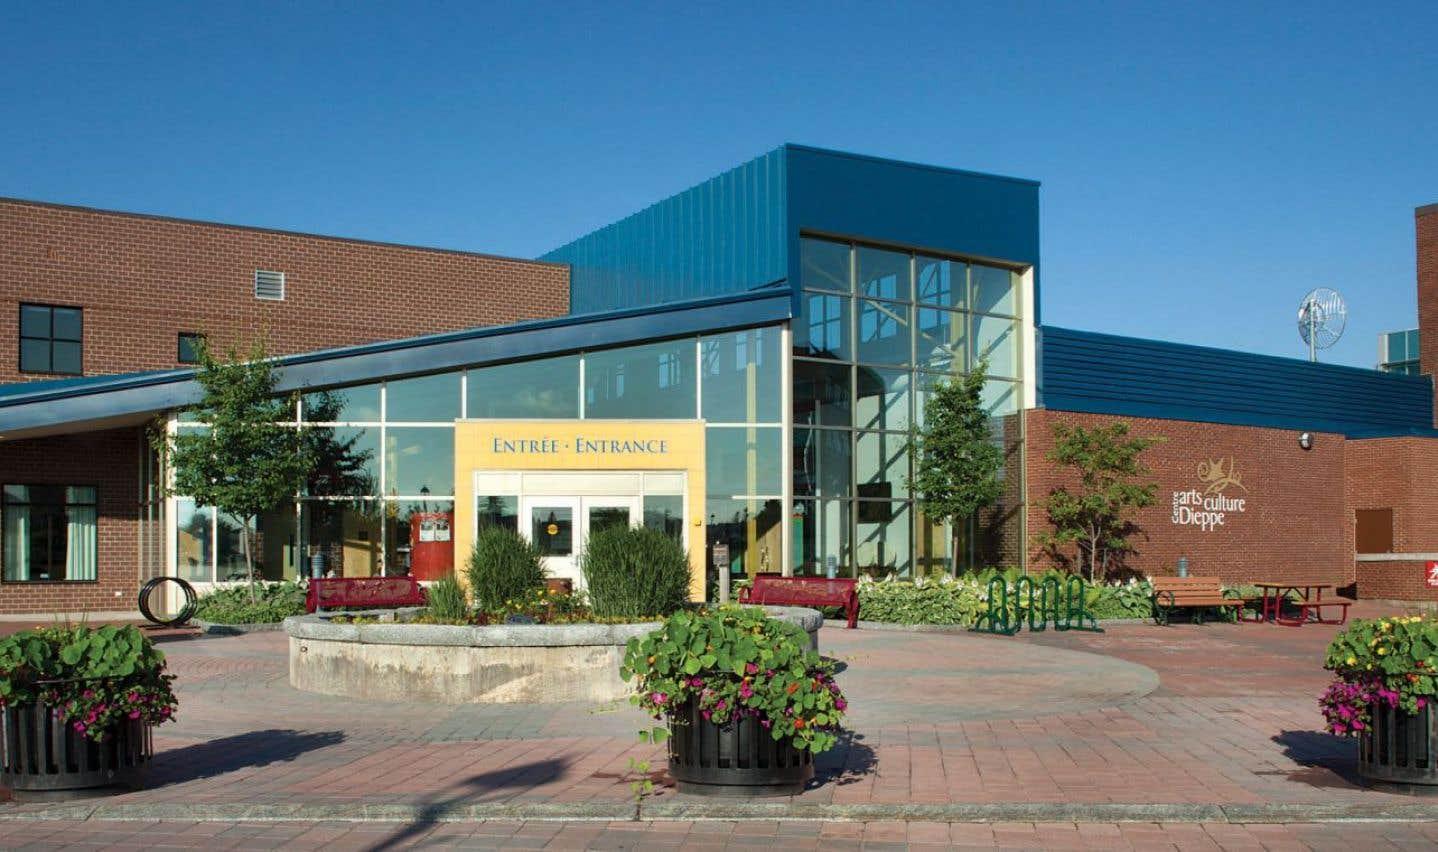 «Les contacts humains sont importants dans un événement comme celui-là, souligne le maire de la petite ville de Dieppe au Nouveau-Brunswick, Yvon Lapierre. On apprend des succès des autres, mais aussi des difficultés qu'ils ont traversées. Parce que développer le secteur culturel et artistique dans les villes reste un défi.»